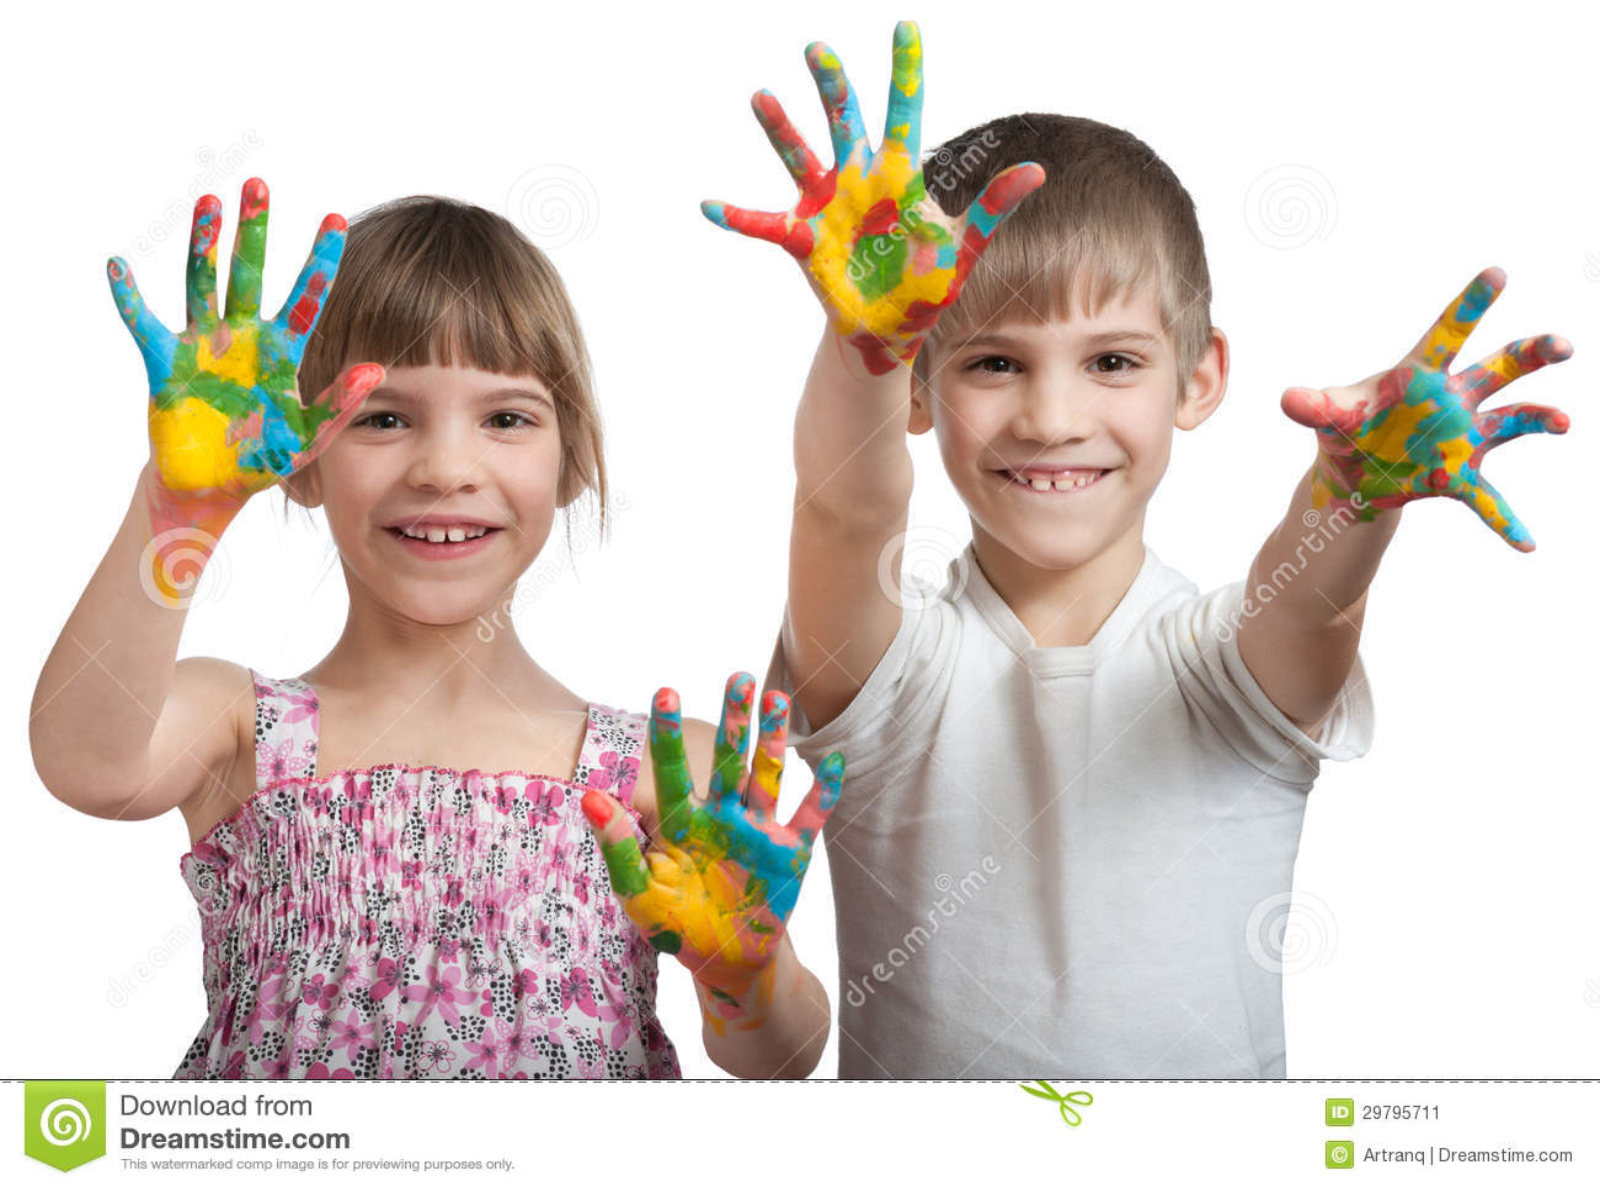 Los niños muestran sus manos manchadas en una pintura